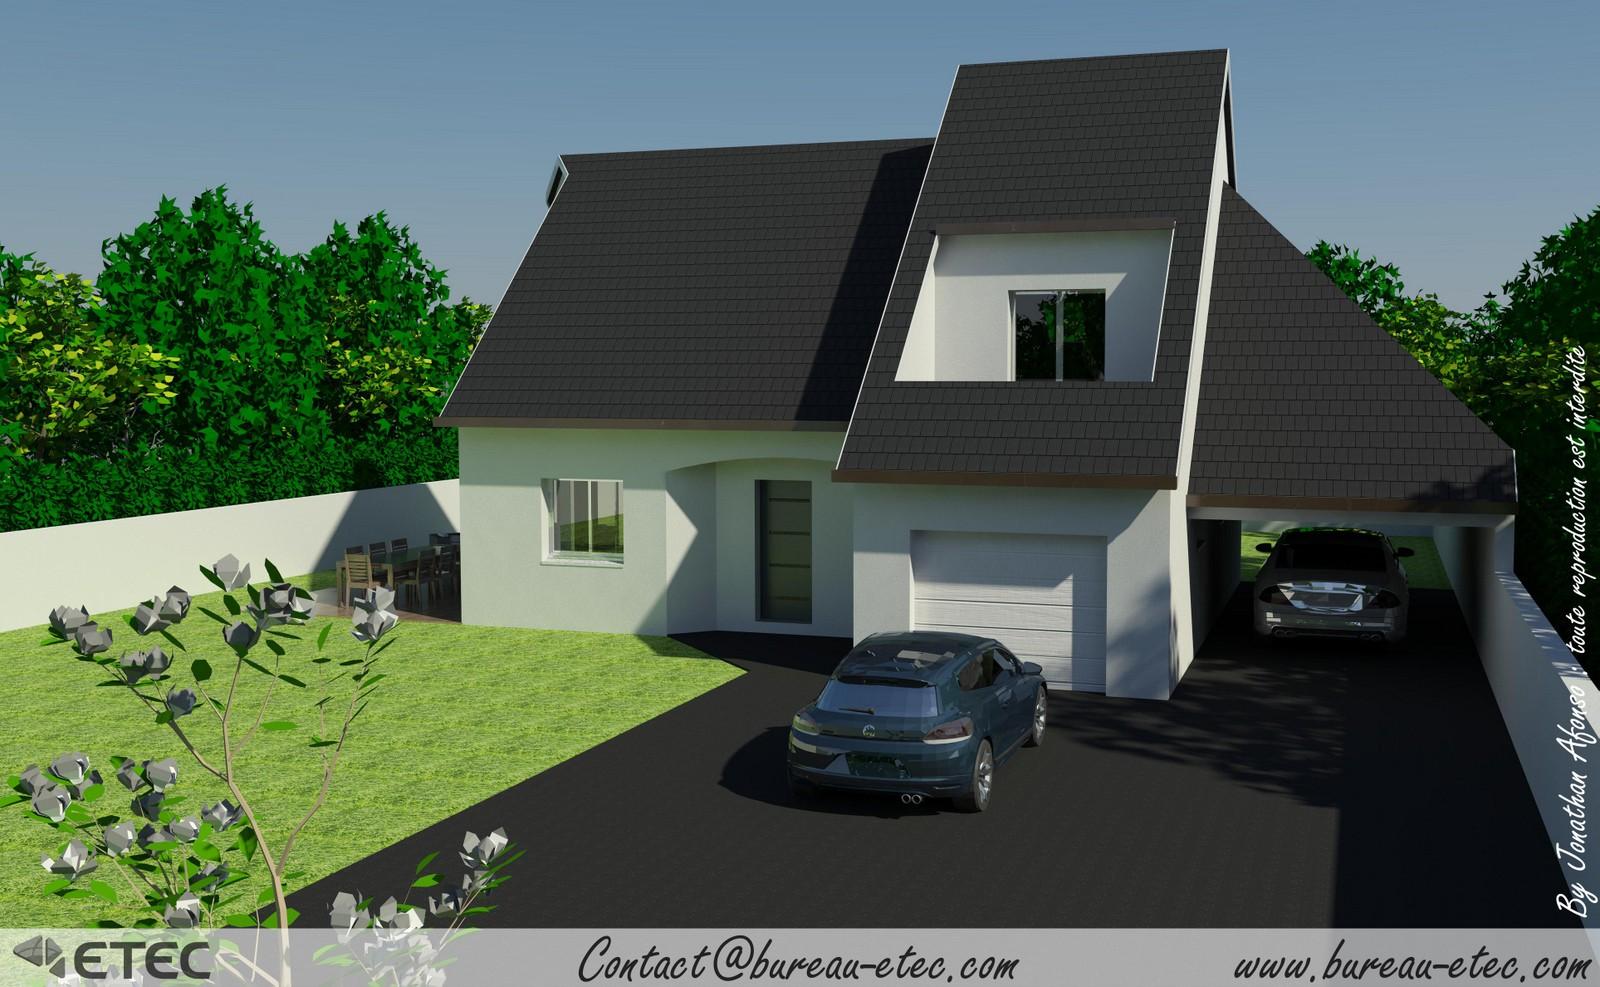 Maison traditionnelle maison contemporaine maison ile de for Maison traditionnelle